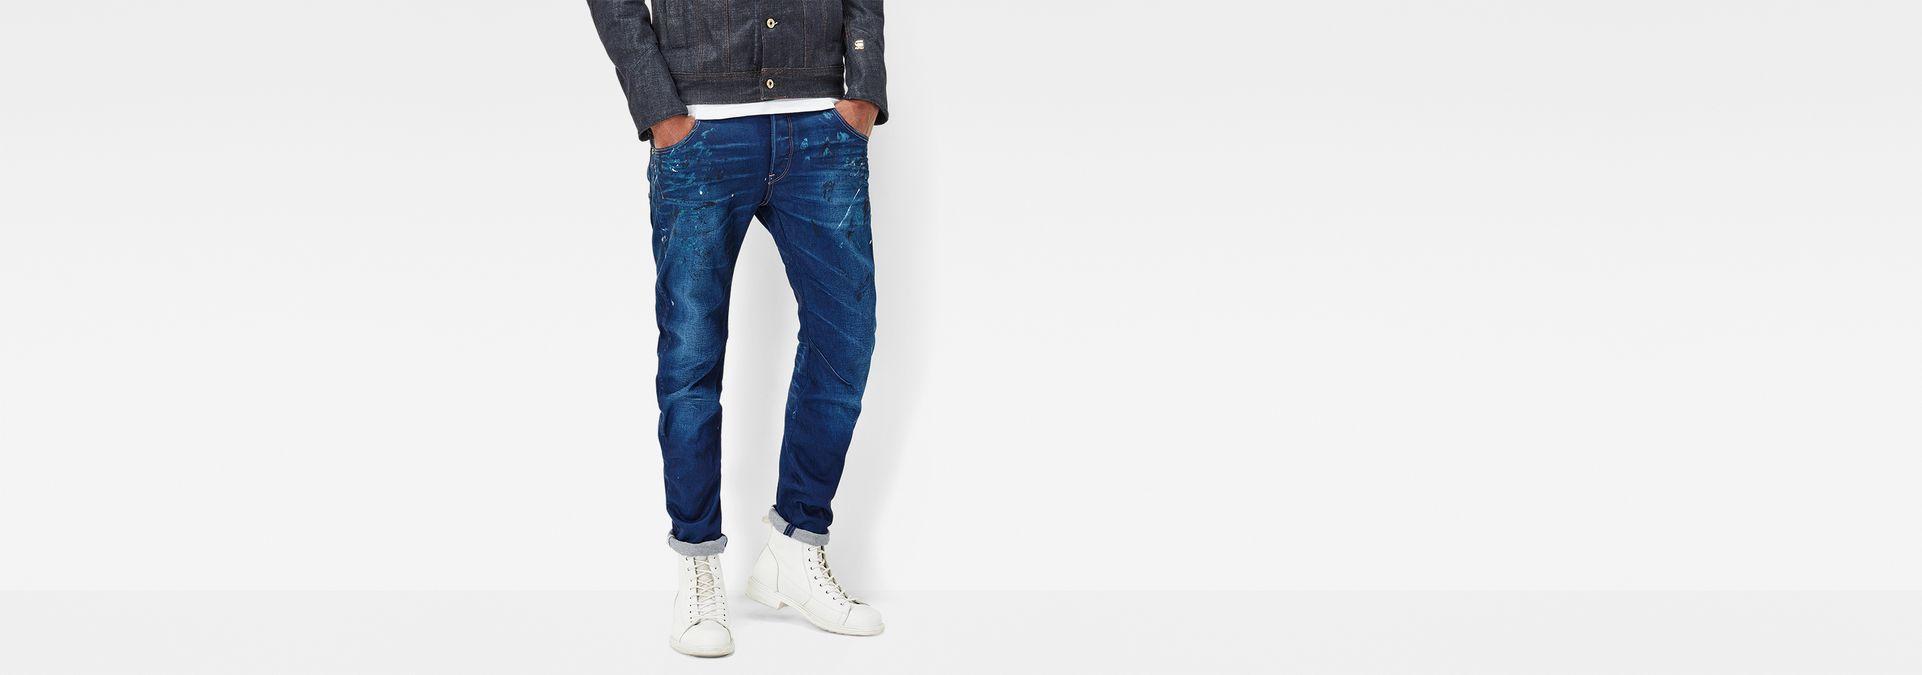 arc 3d slim jeans g star raw. Black Bedroom Furniture Sets. Home Design Ideas